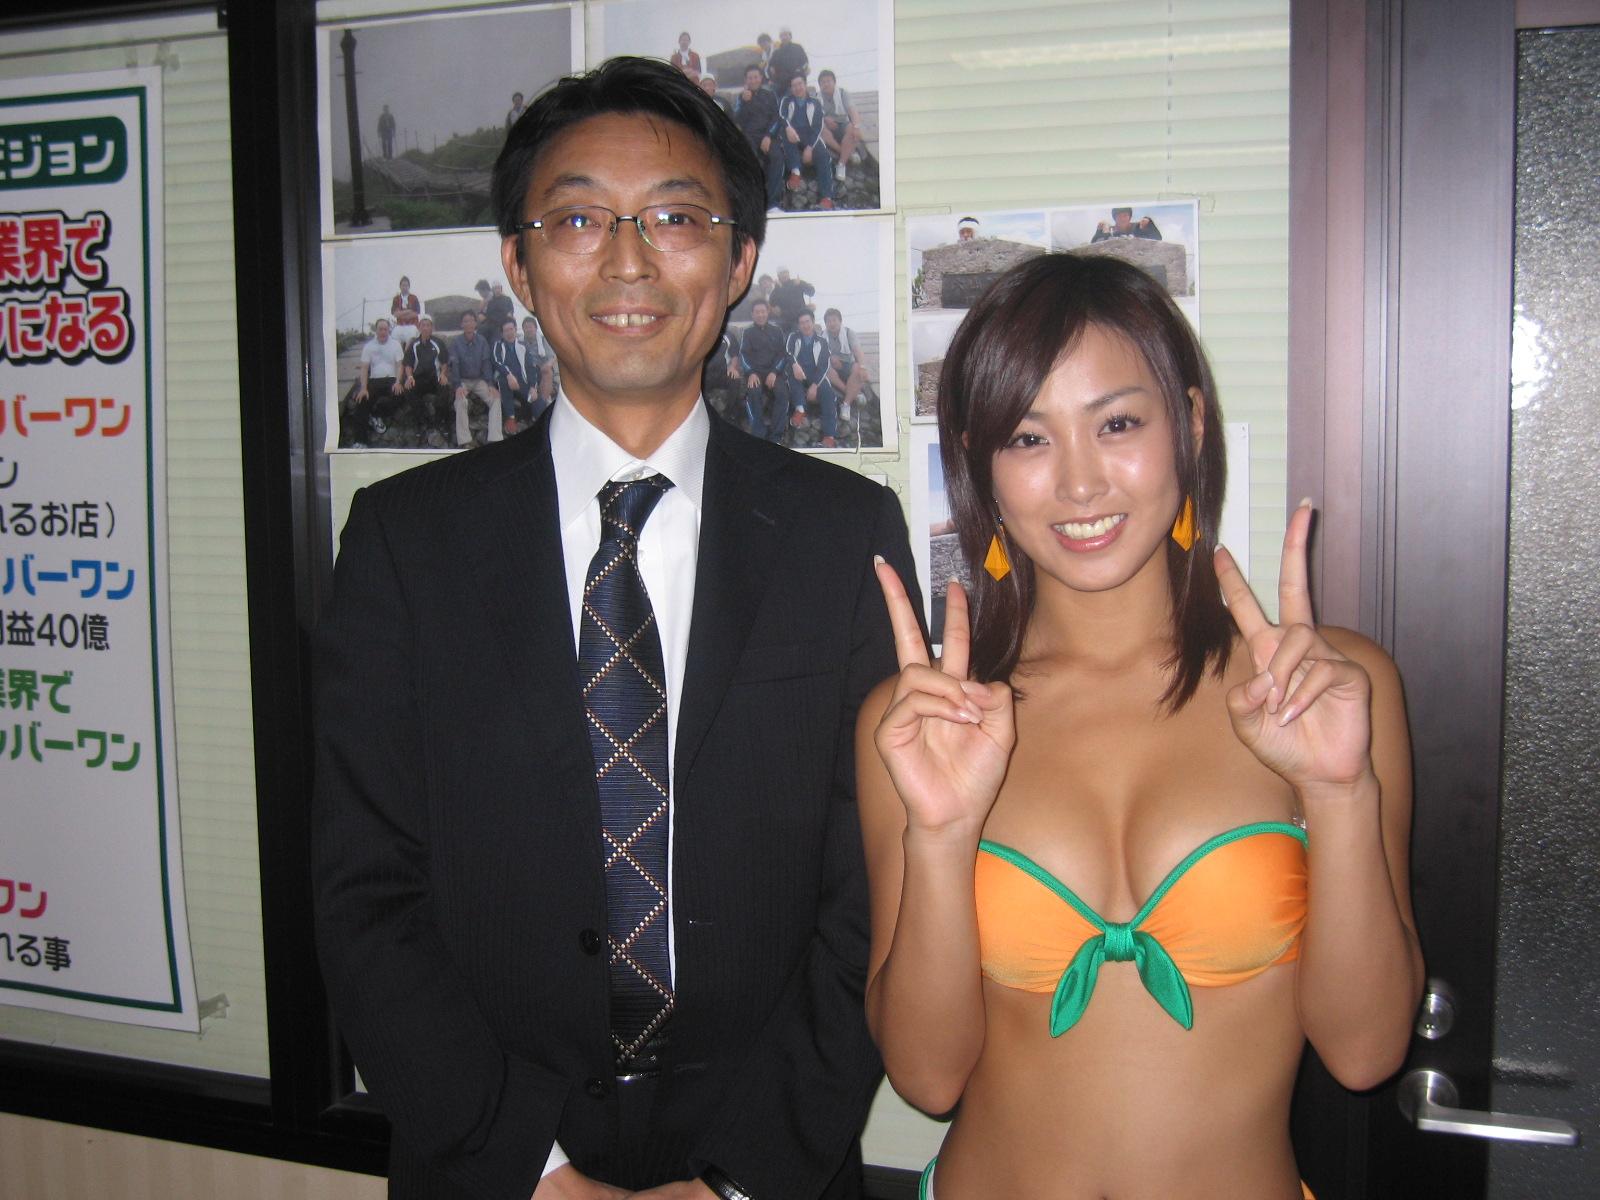 マリンちゃん_e0019411_149739.jpg